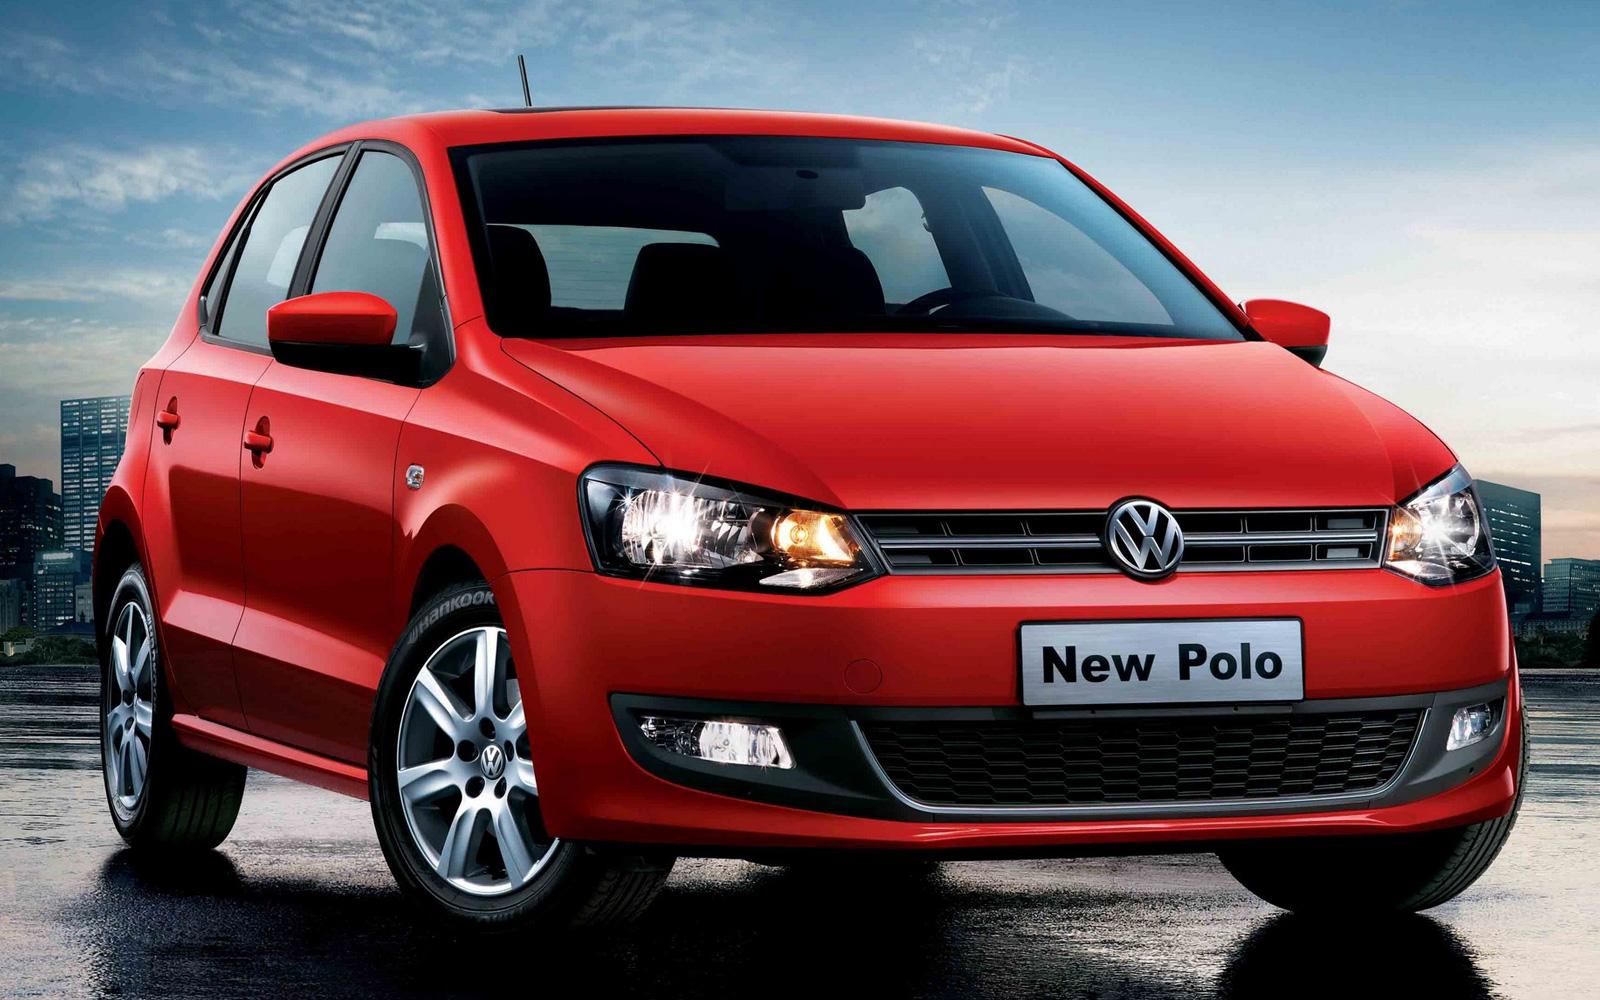 0db57985c4040 Volkswagen Polo 5 (2009-2017) цена и характеристики, обзор с ...